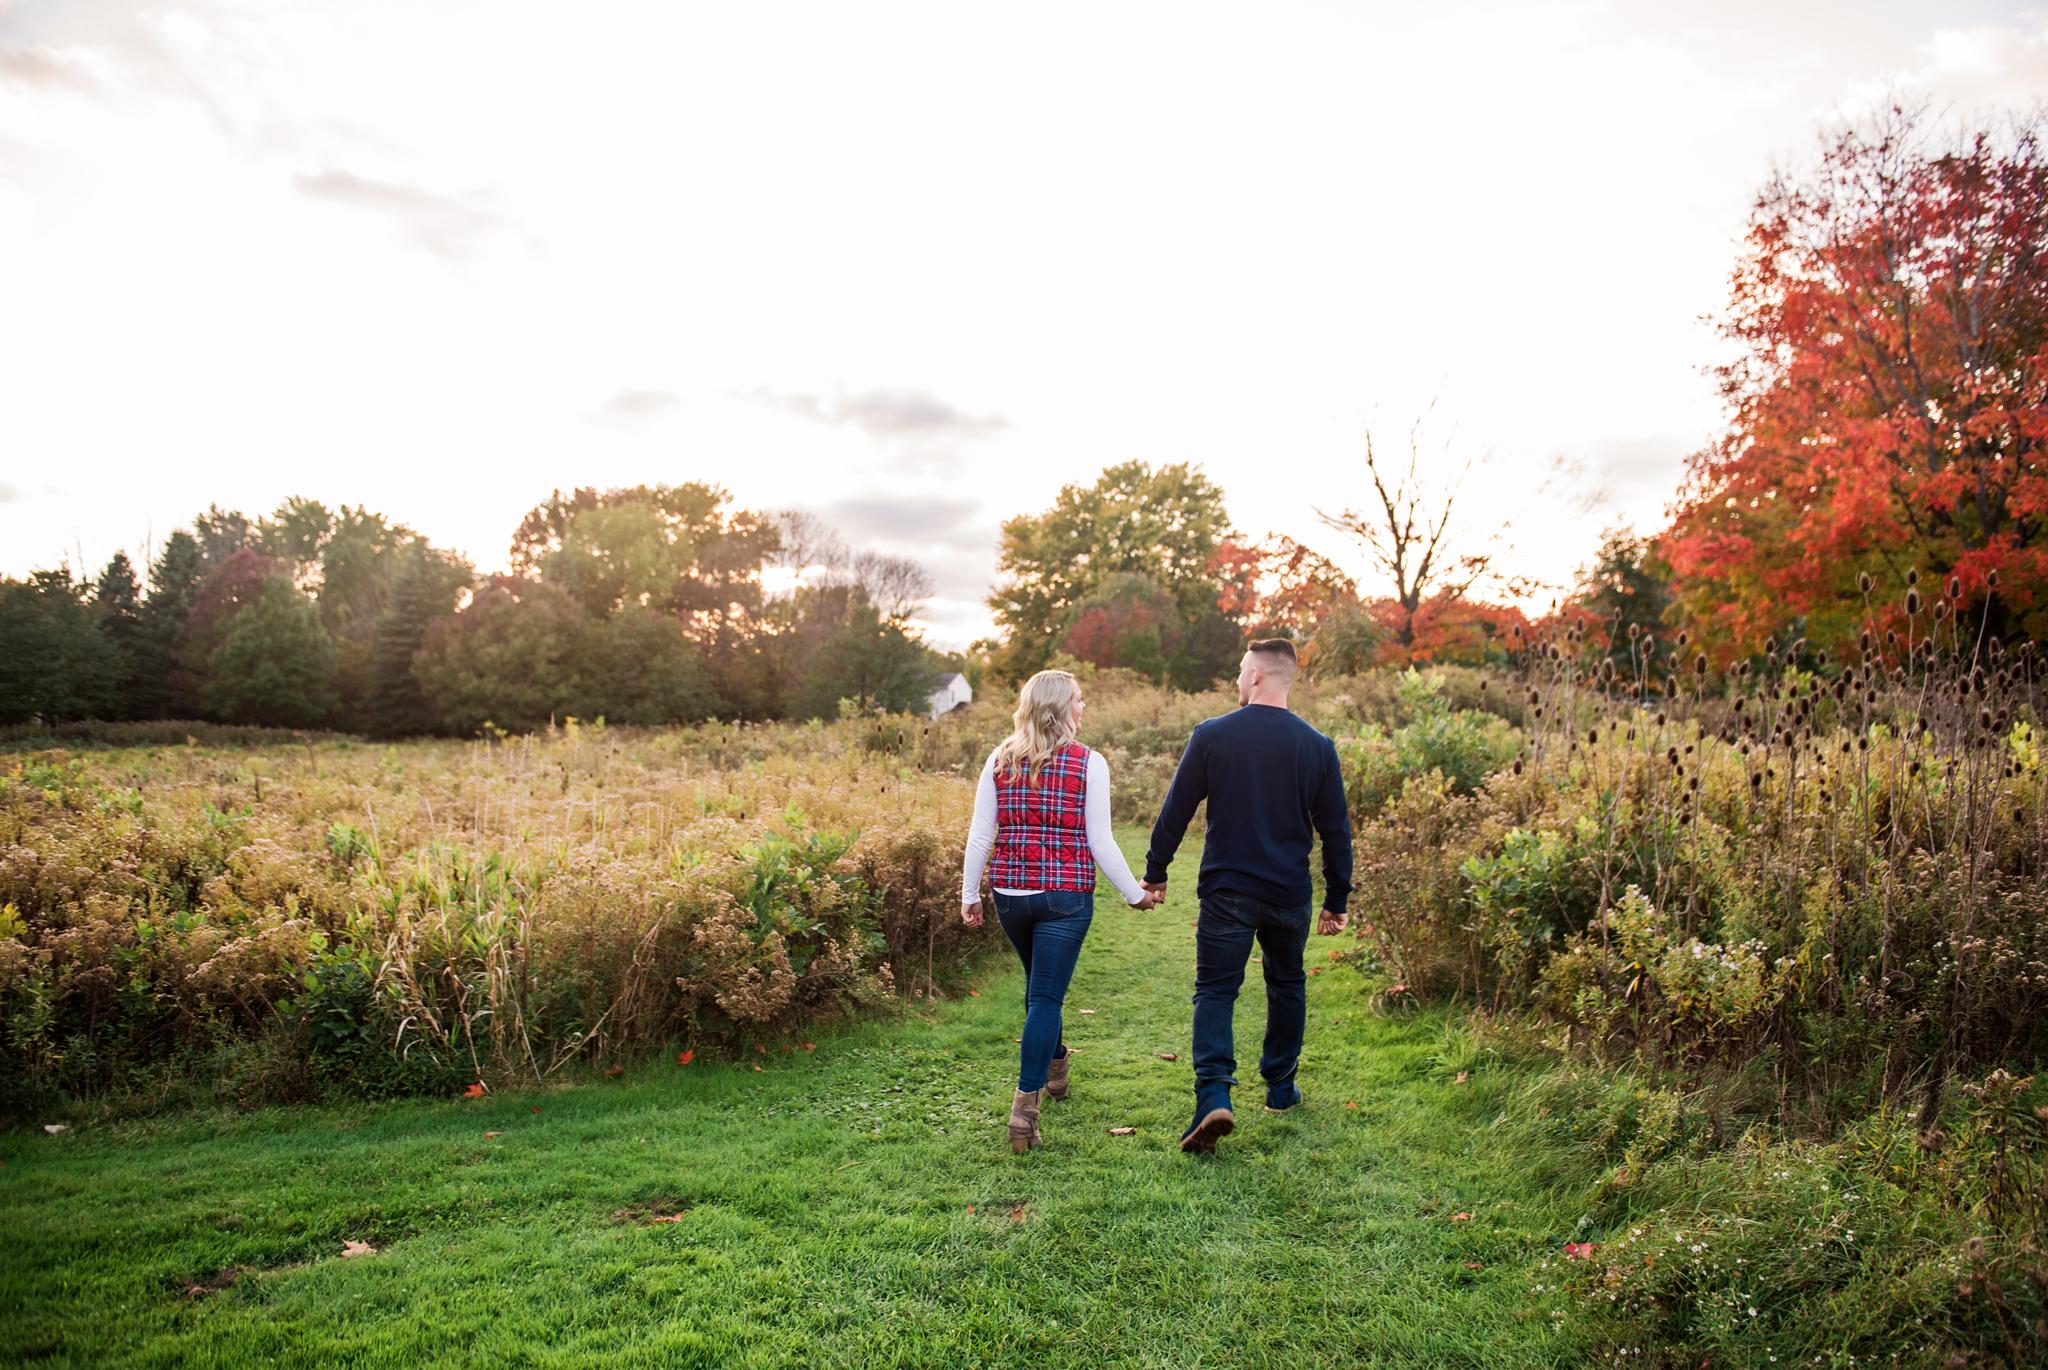 Tinker_Nature_Park_Rochester_Couples_Session_JILL_STUDIO_Rochester_NY_Photographer_DSC_4926.jpg